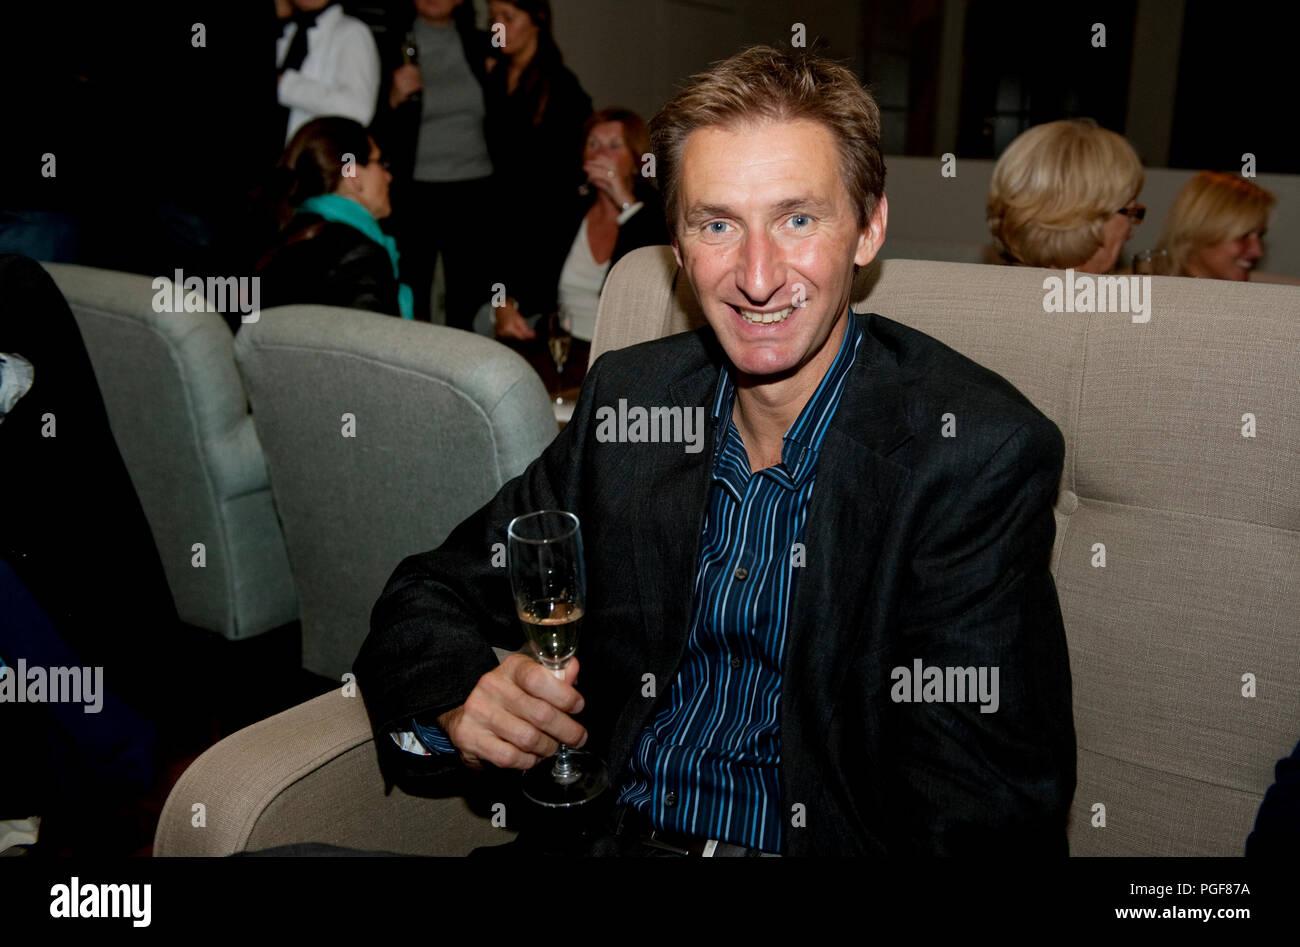 """Ben Rottiers spotted at the """"Tafelen met een hart voor kinderen"""" event at Flamant Dining in Antwerp (Belgium, 01/10/2009) Stock Photo"""